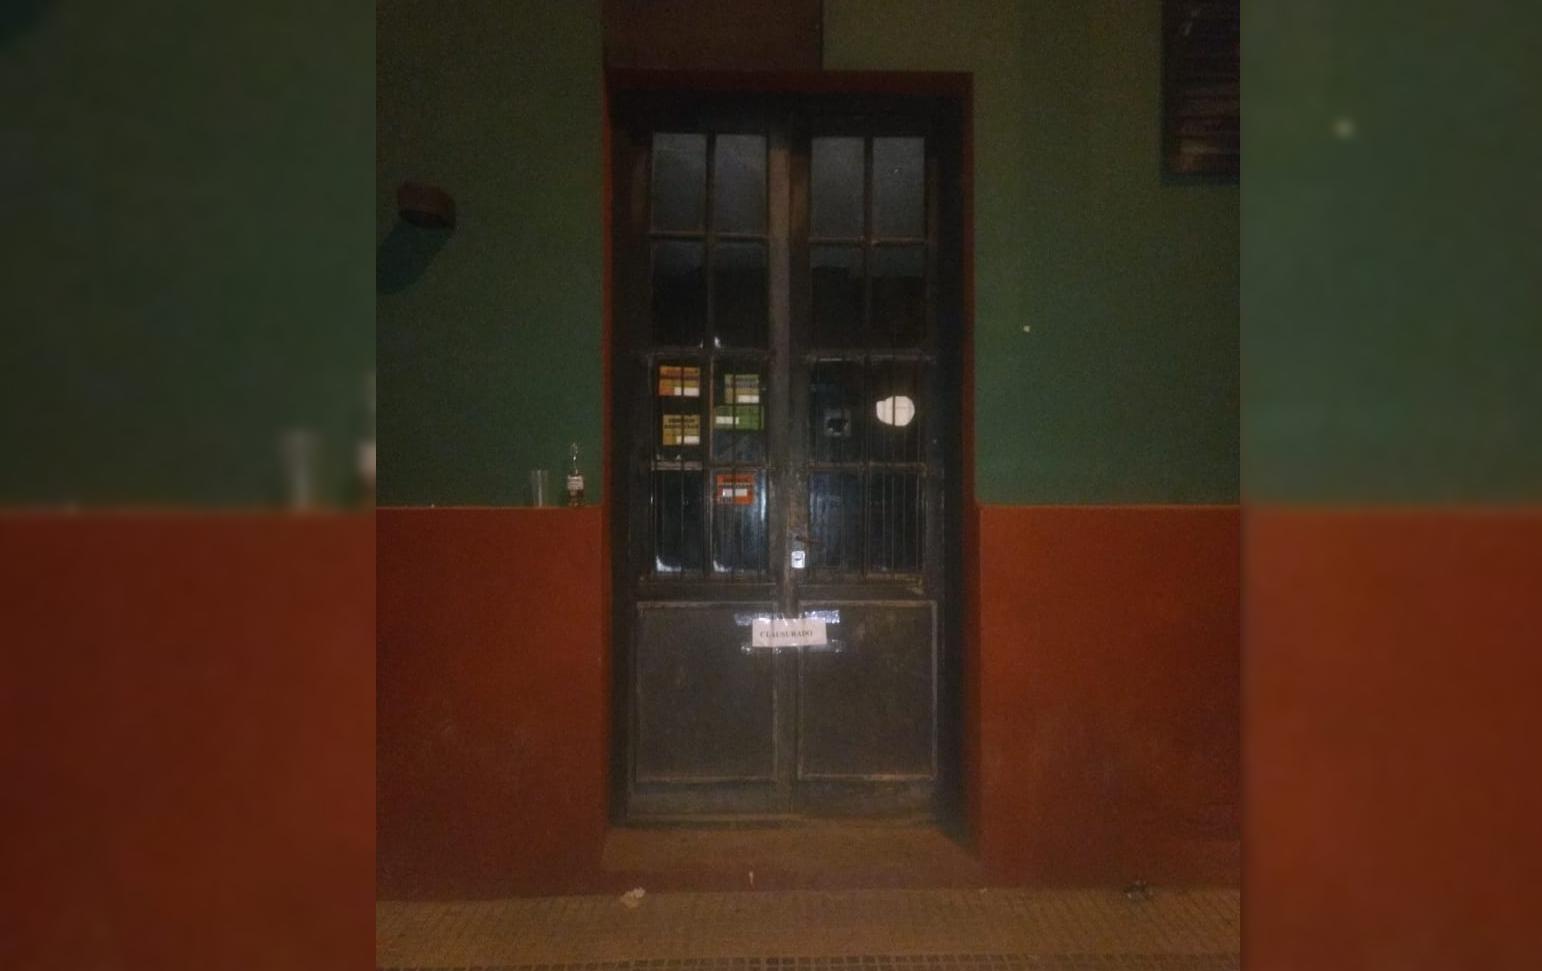 Por encontrar menores dentro del local, clausuraron el boliche bailable de Coronel Vidal